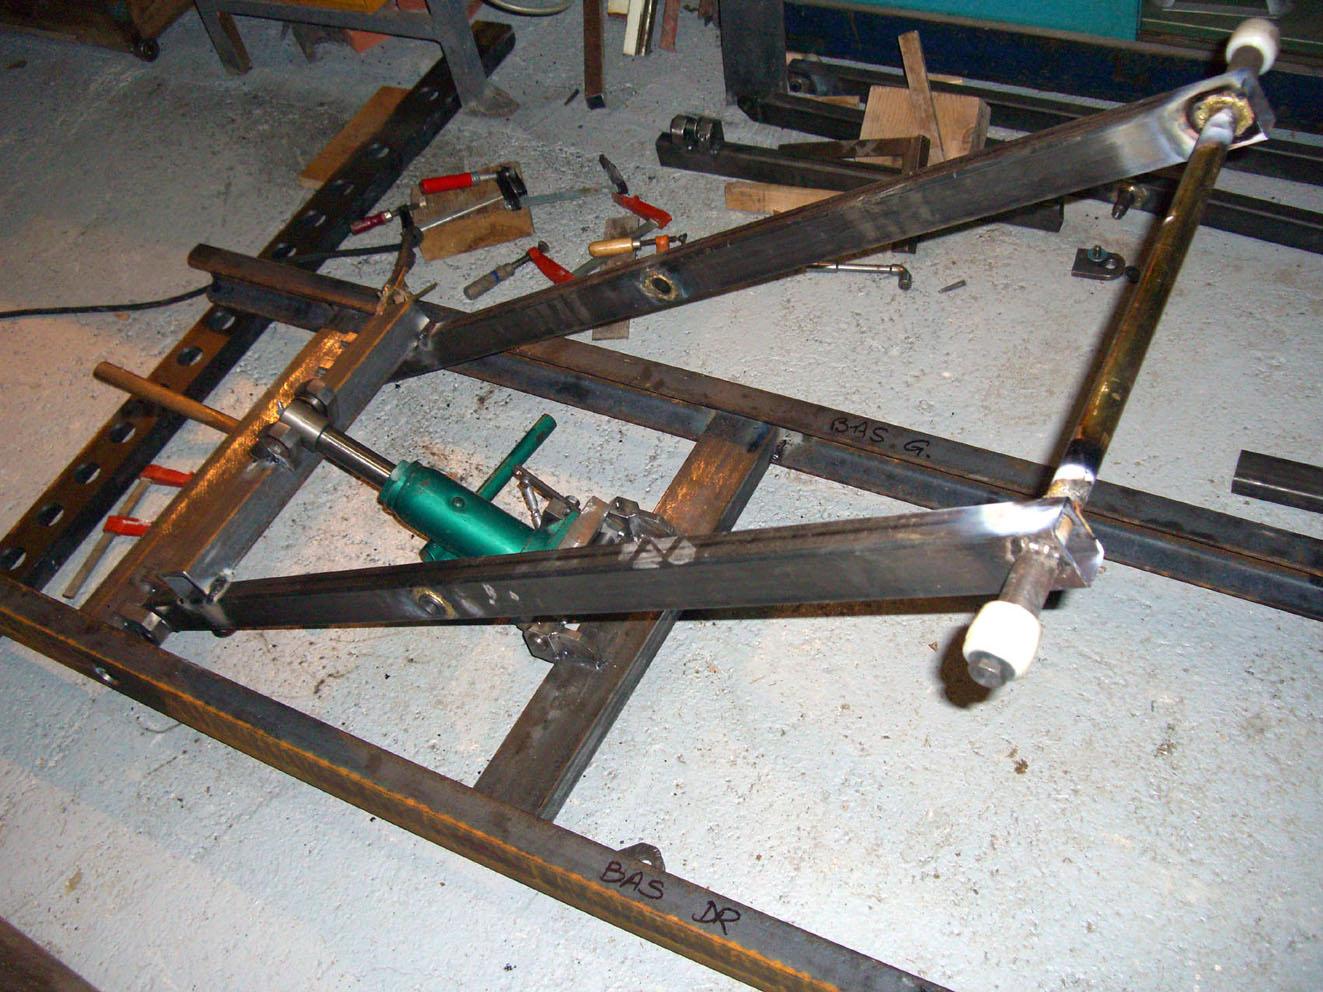 Fabriquer Une Table Elevatrice Moto Table Elevatrice Moto Largeur 55 Cm Forums Probl Mes Et